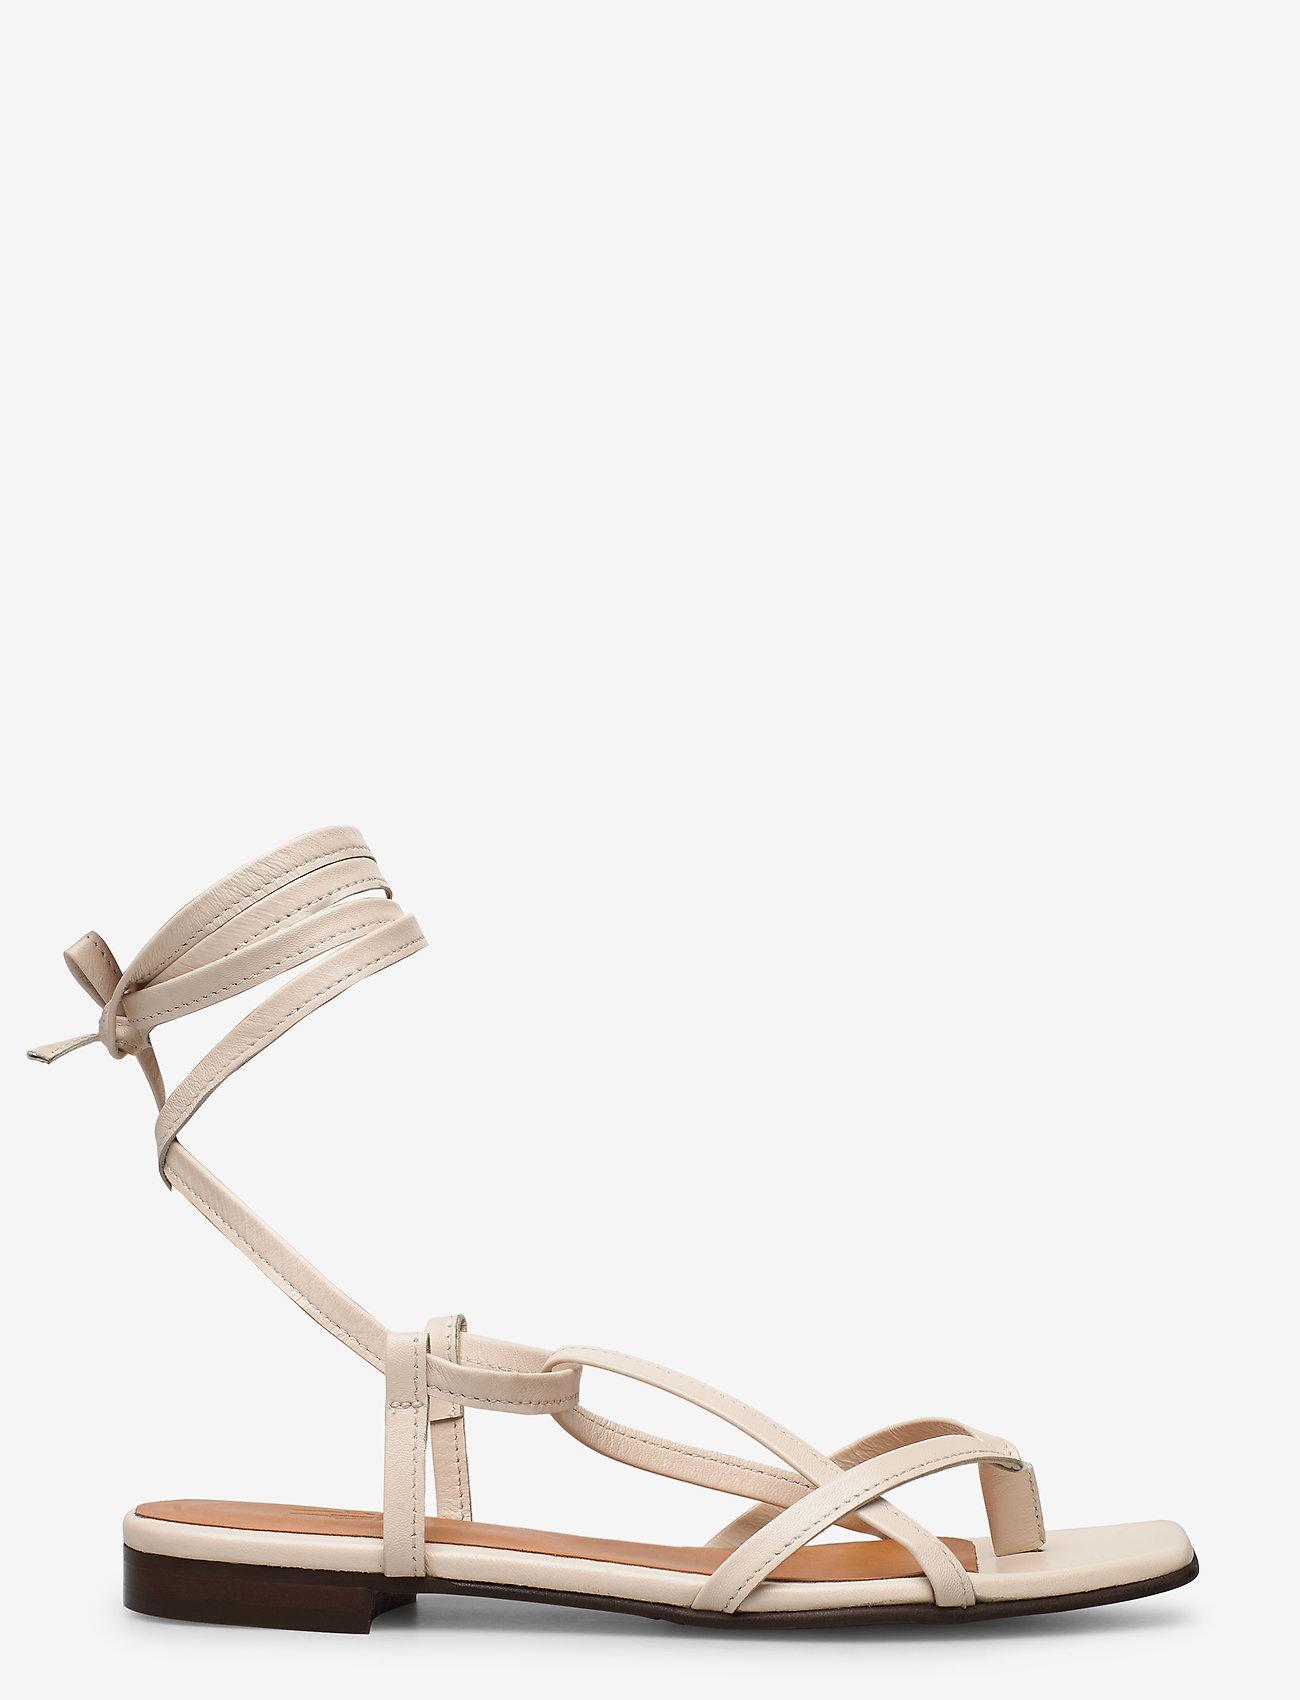 Sandals 14102 (Off White Nappa 73) - Billi Bi GLGw60